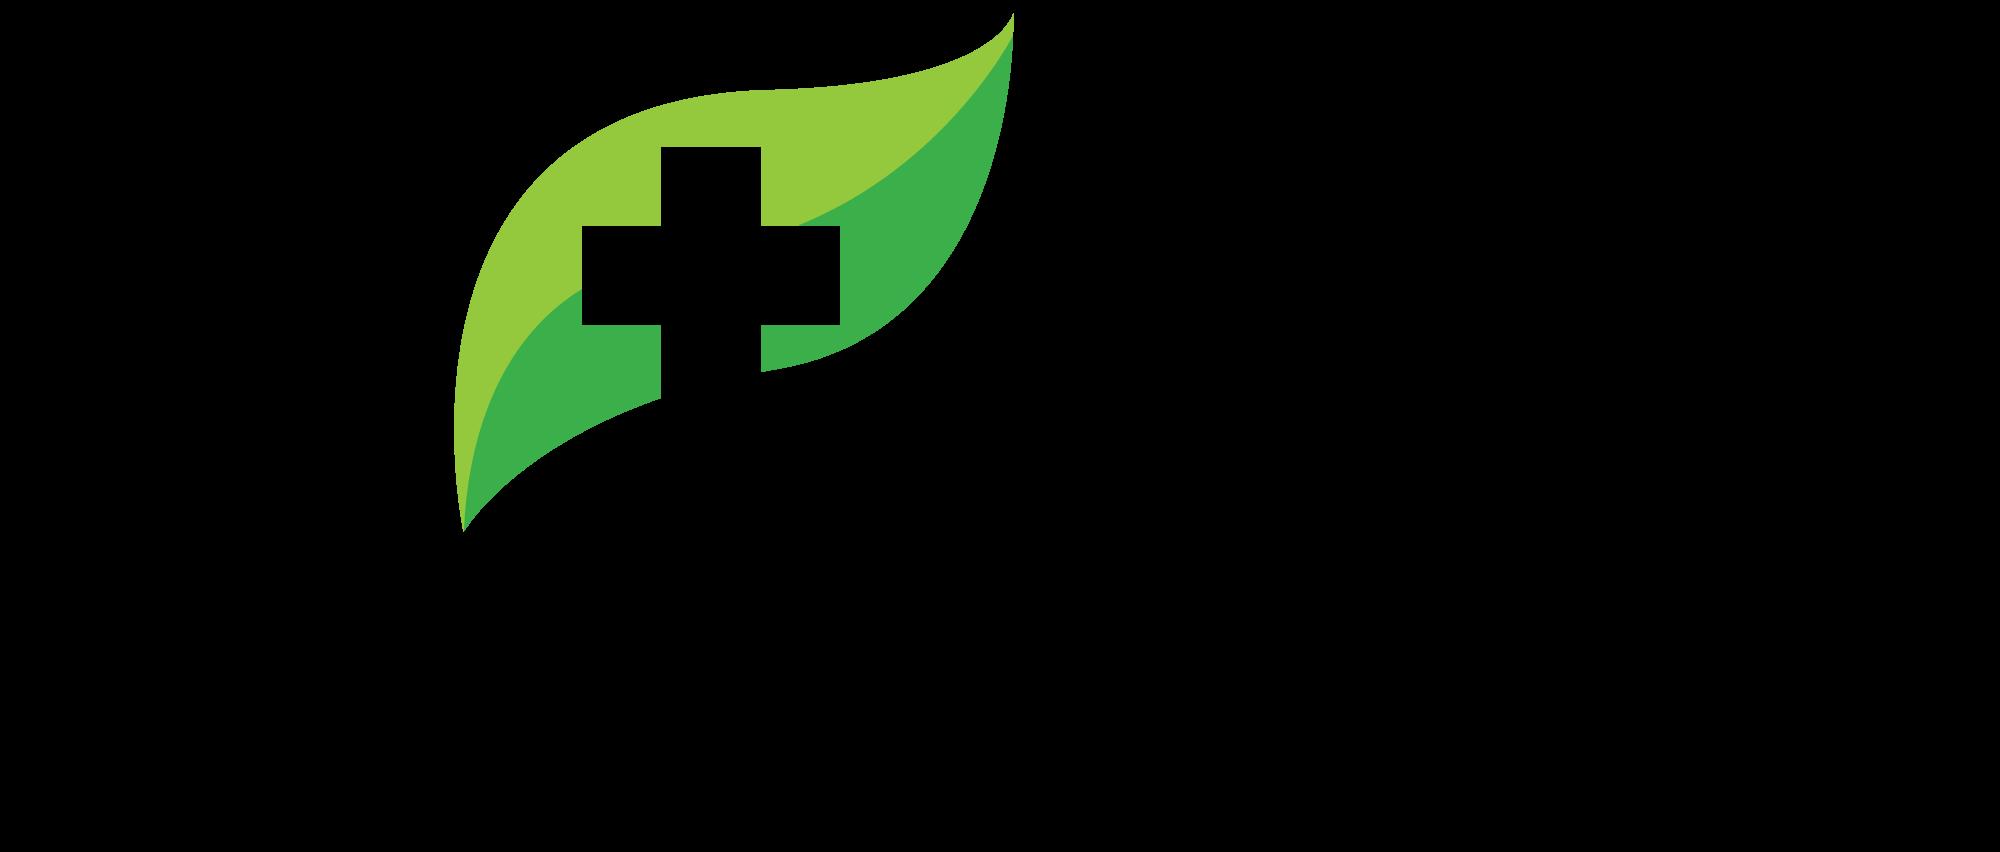 Dr_Delights_Logo_.png